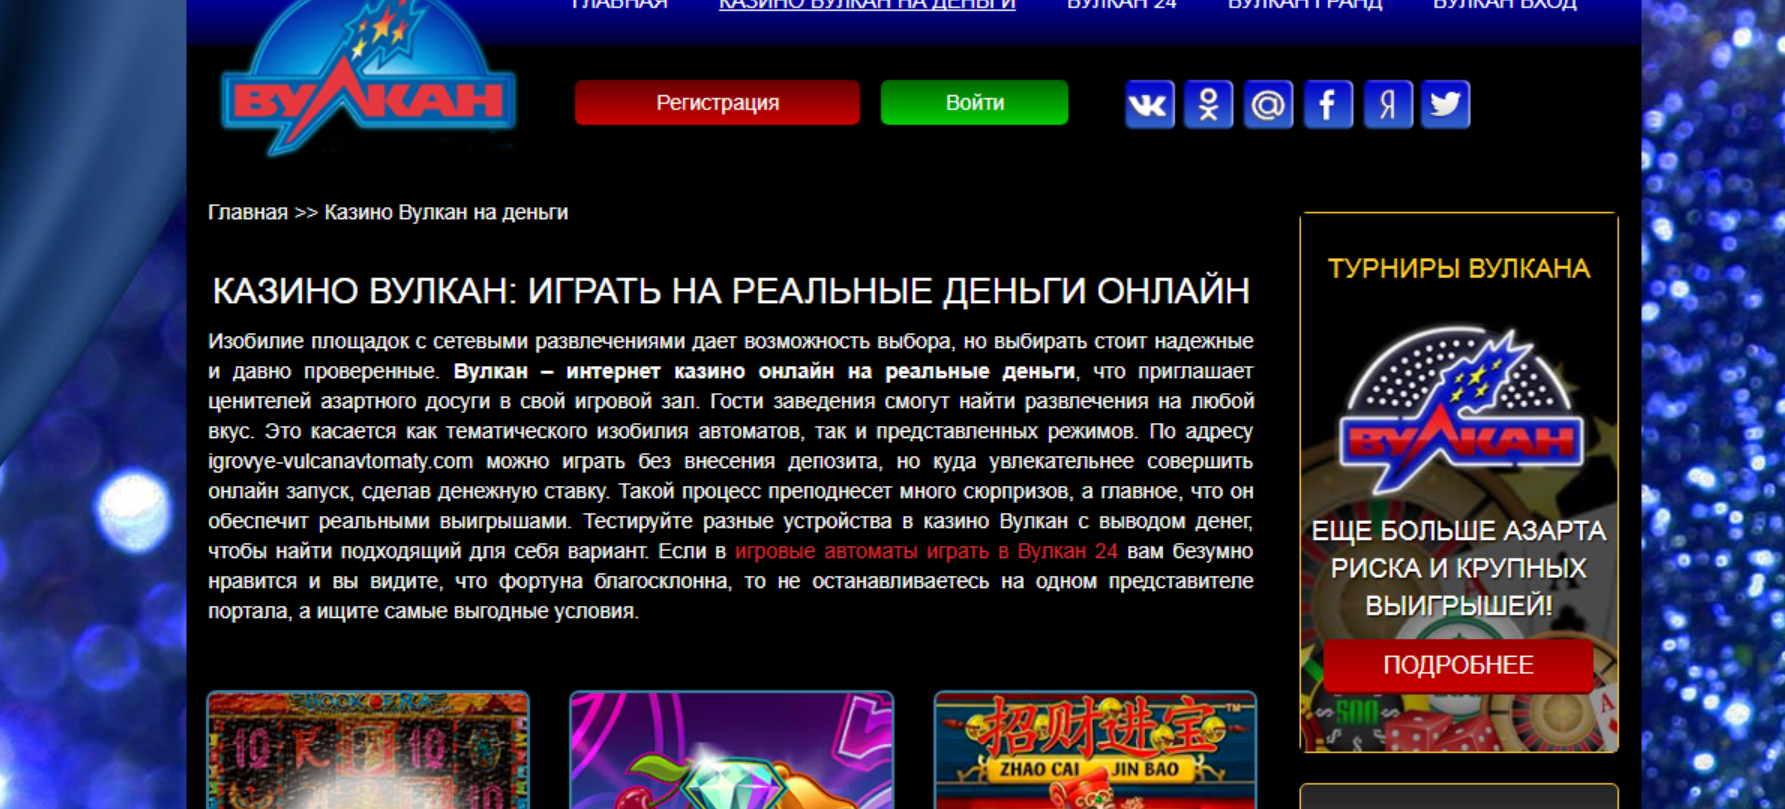 Зайти онлайн казино вулкан казино без денег без регистрации